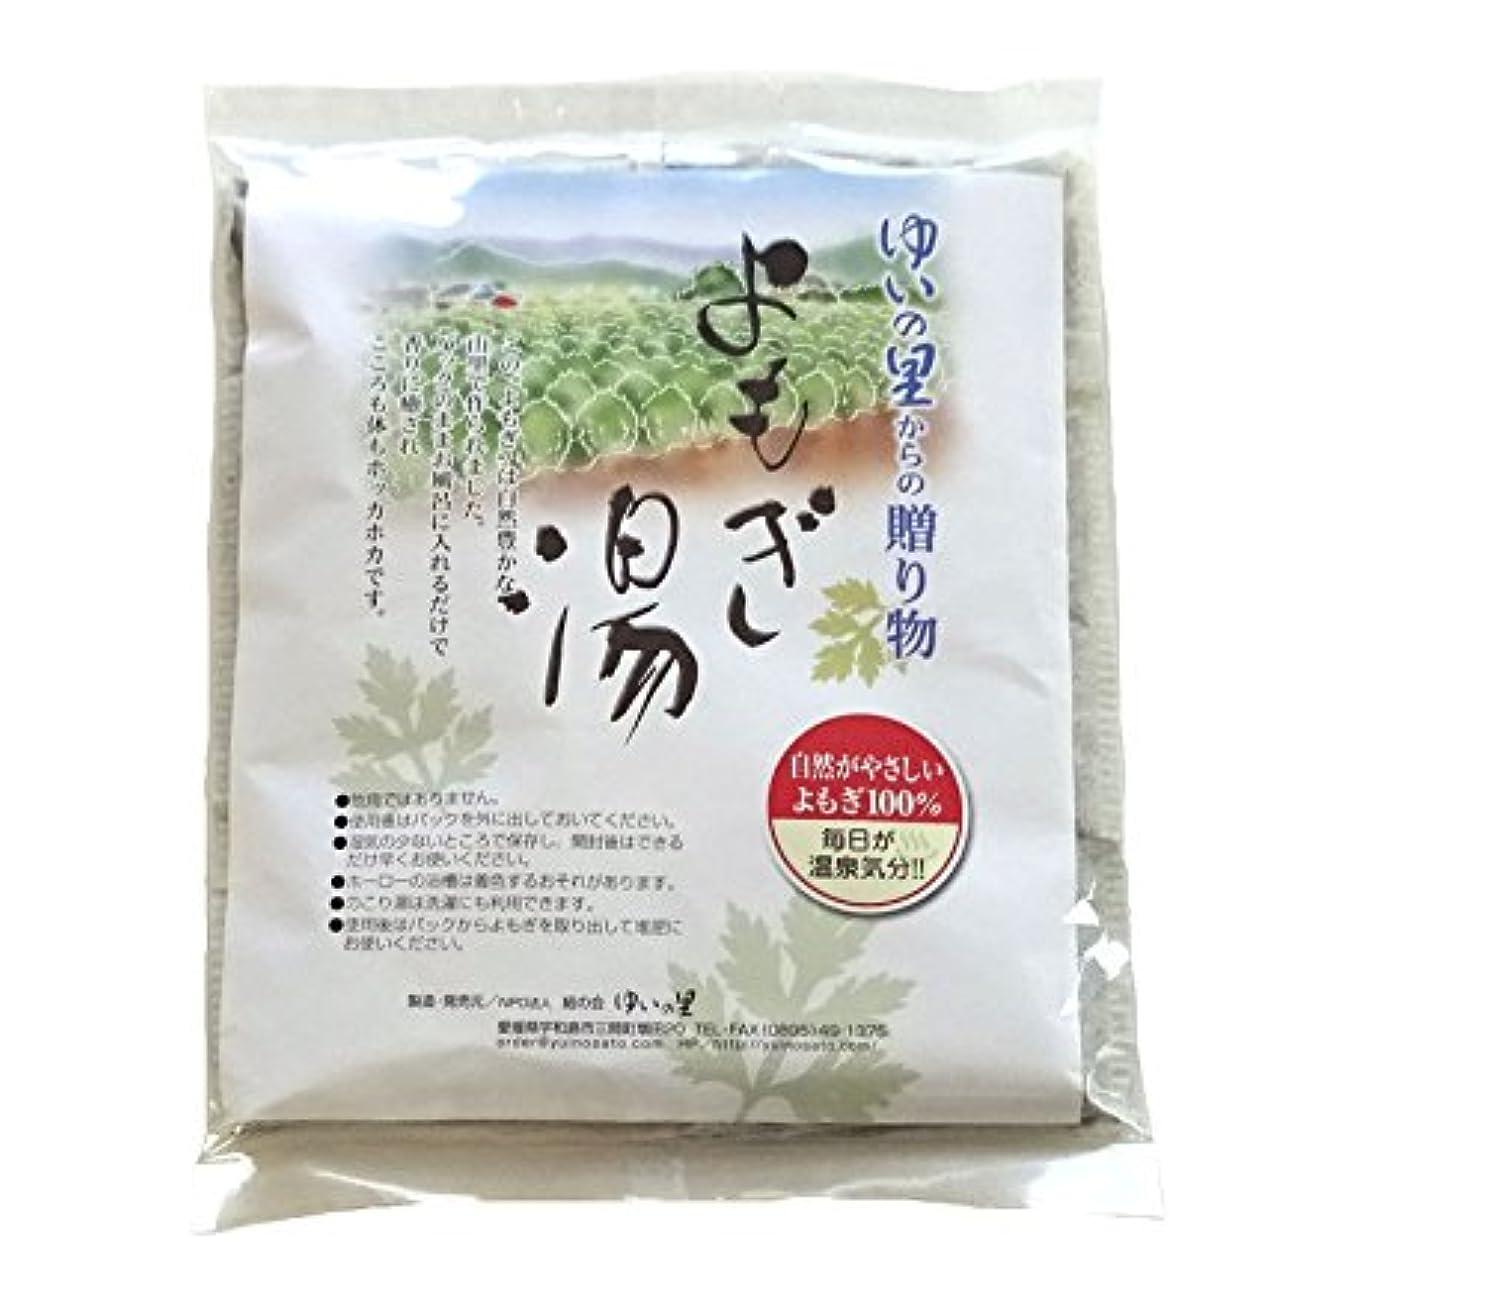 蚊強盗管理よもぎ湯入浴パック (10パック入) 愛媛県産 自家栽培よもぎ100%使用